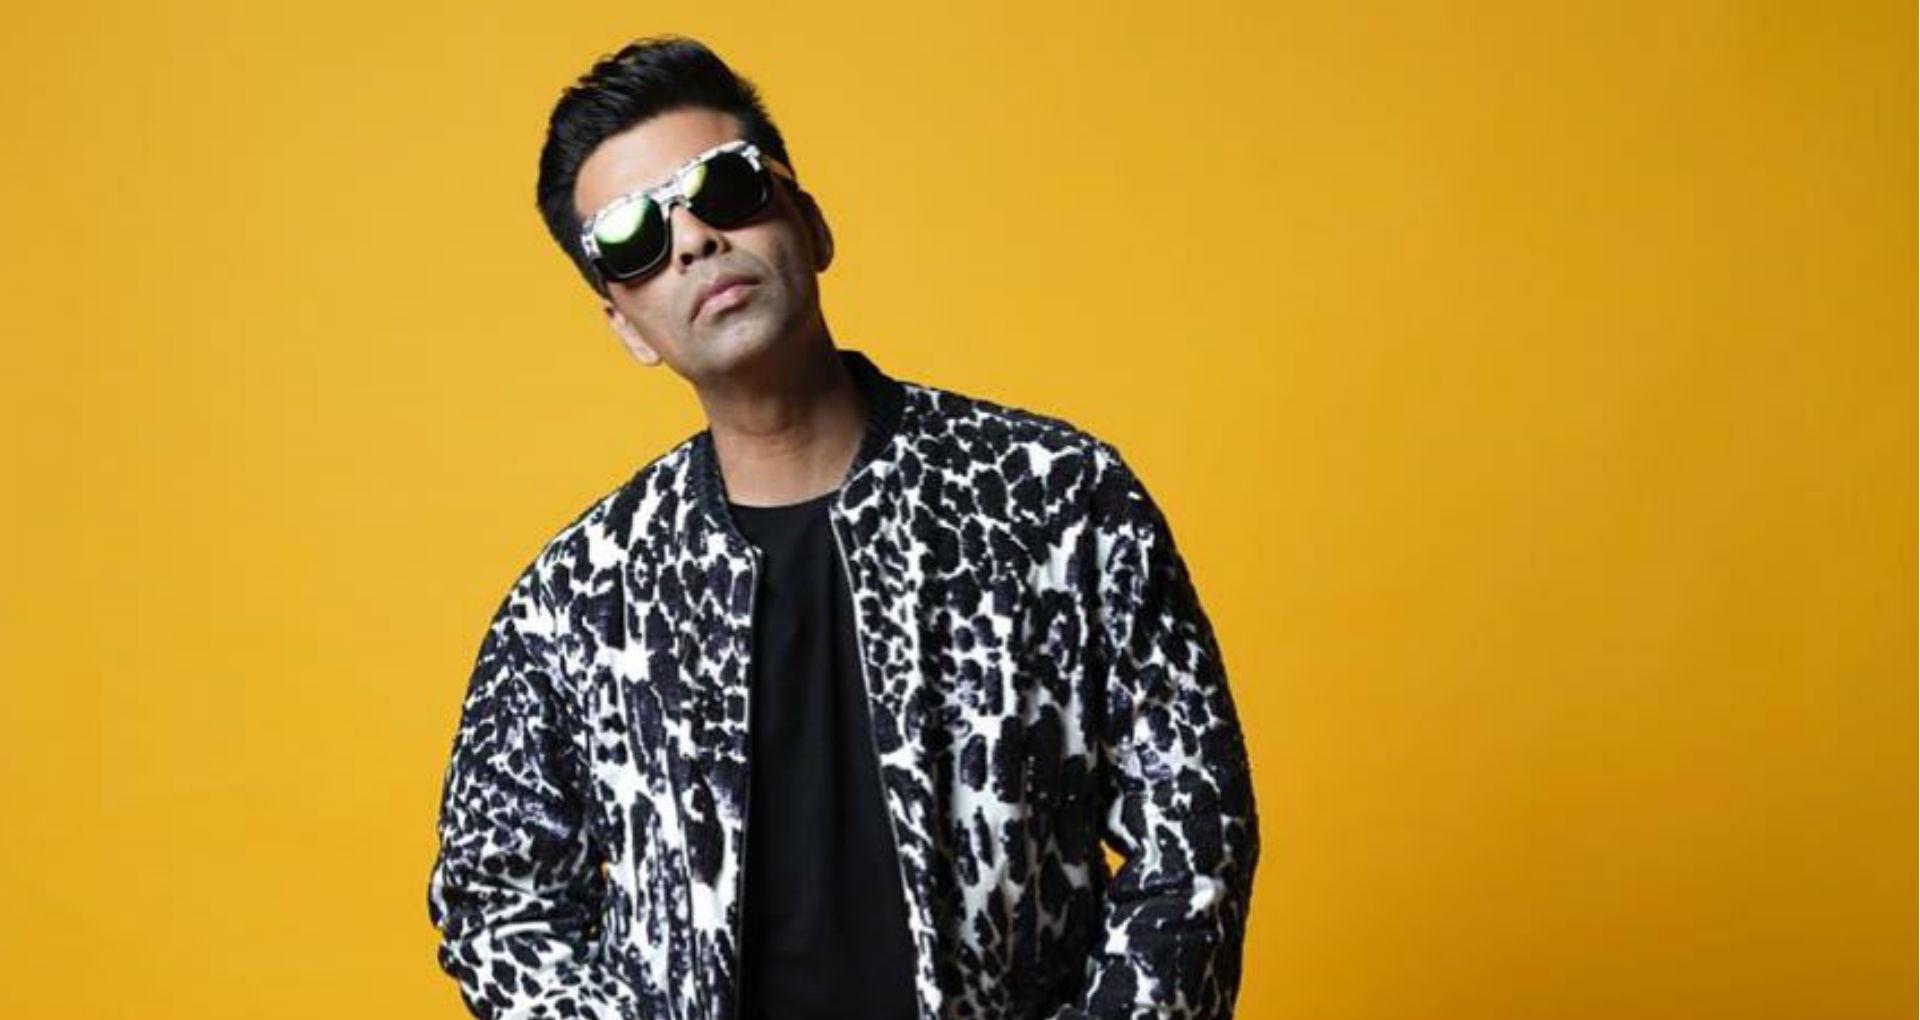 करण जौहर ने शेयर किया लेट नाइट पार्टी का वीडियो, ये बॉलीवुड सितारे और एक्स-कपल भी हुए शामिल